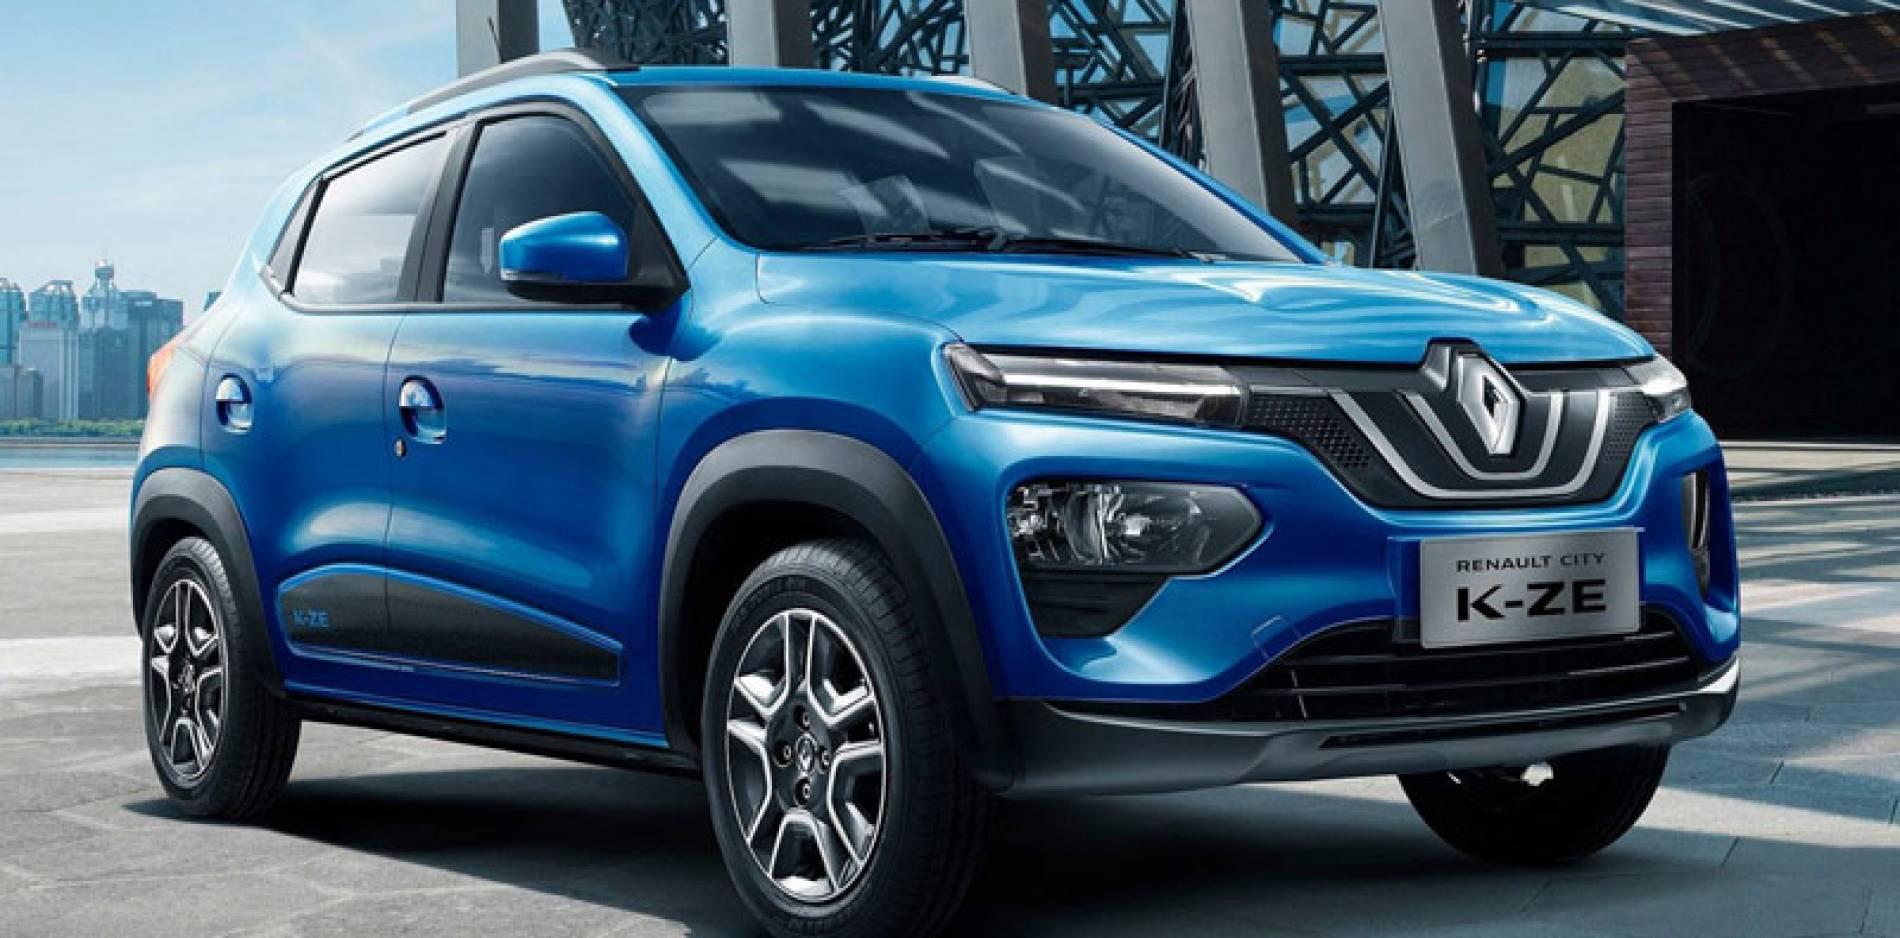 Renault City K-ZE, la nueva apuesta eléctrica del rombo es un crossover